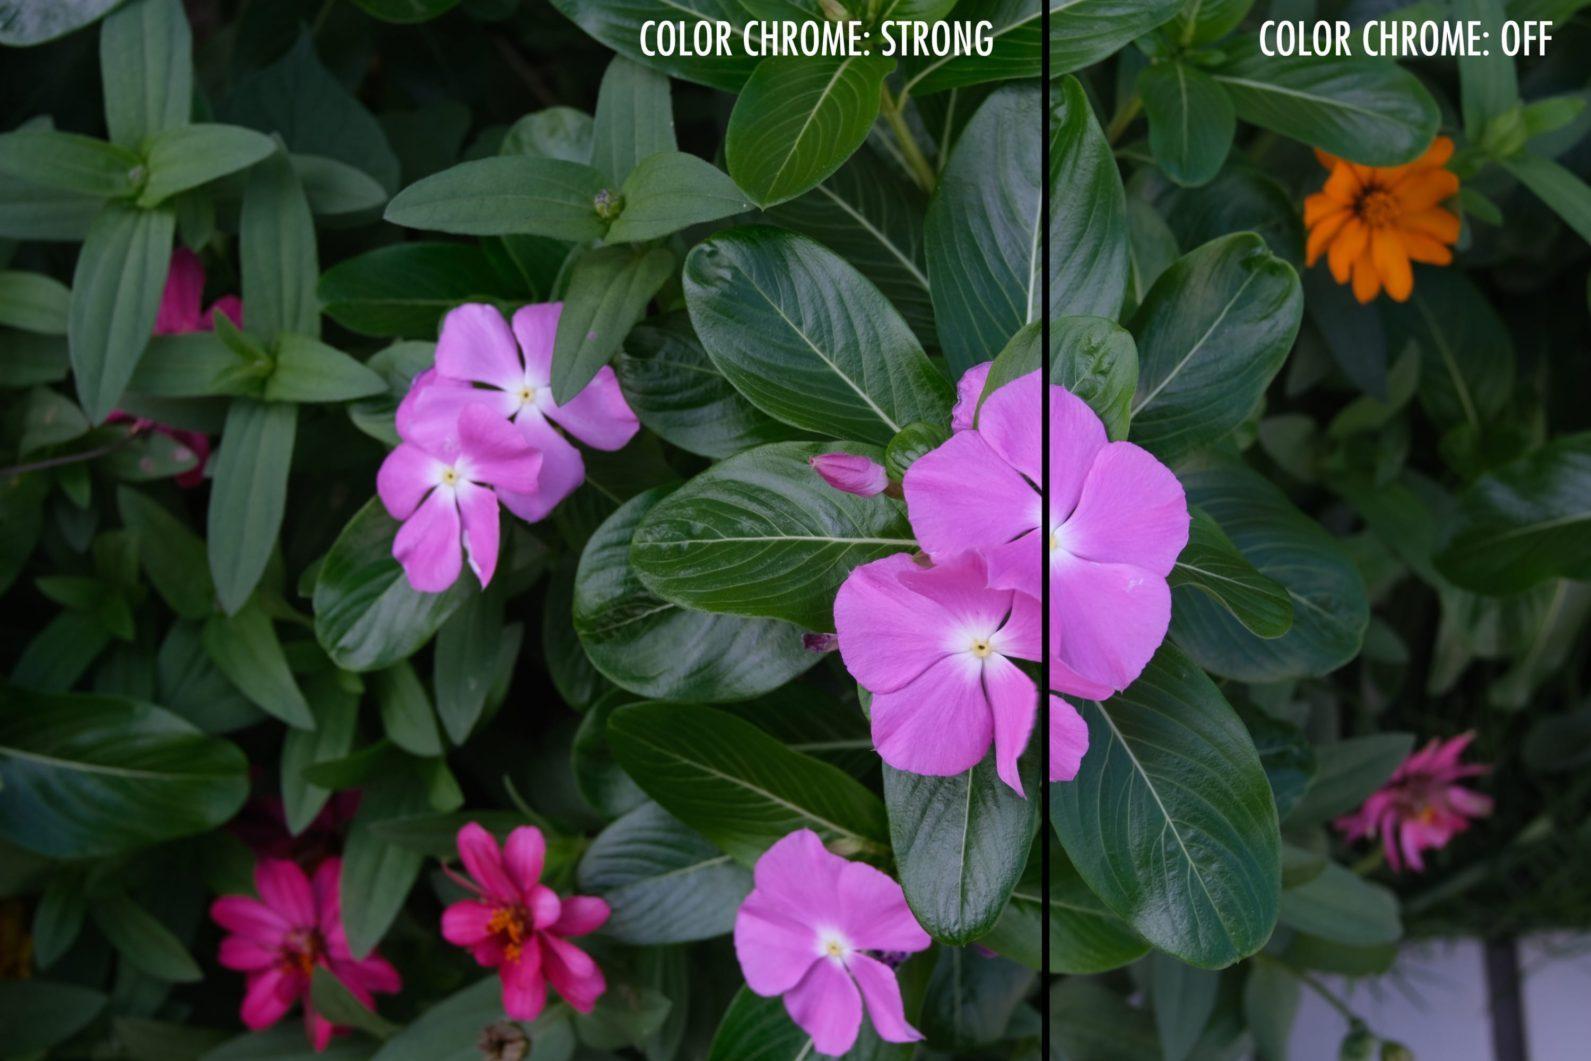 пример работы с color chrome в камере XT-3